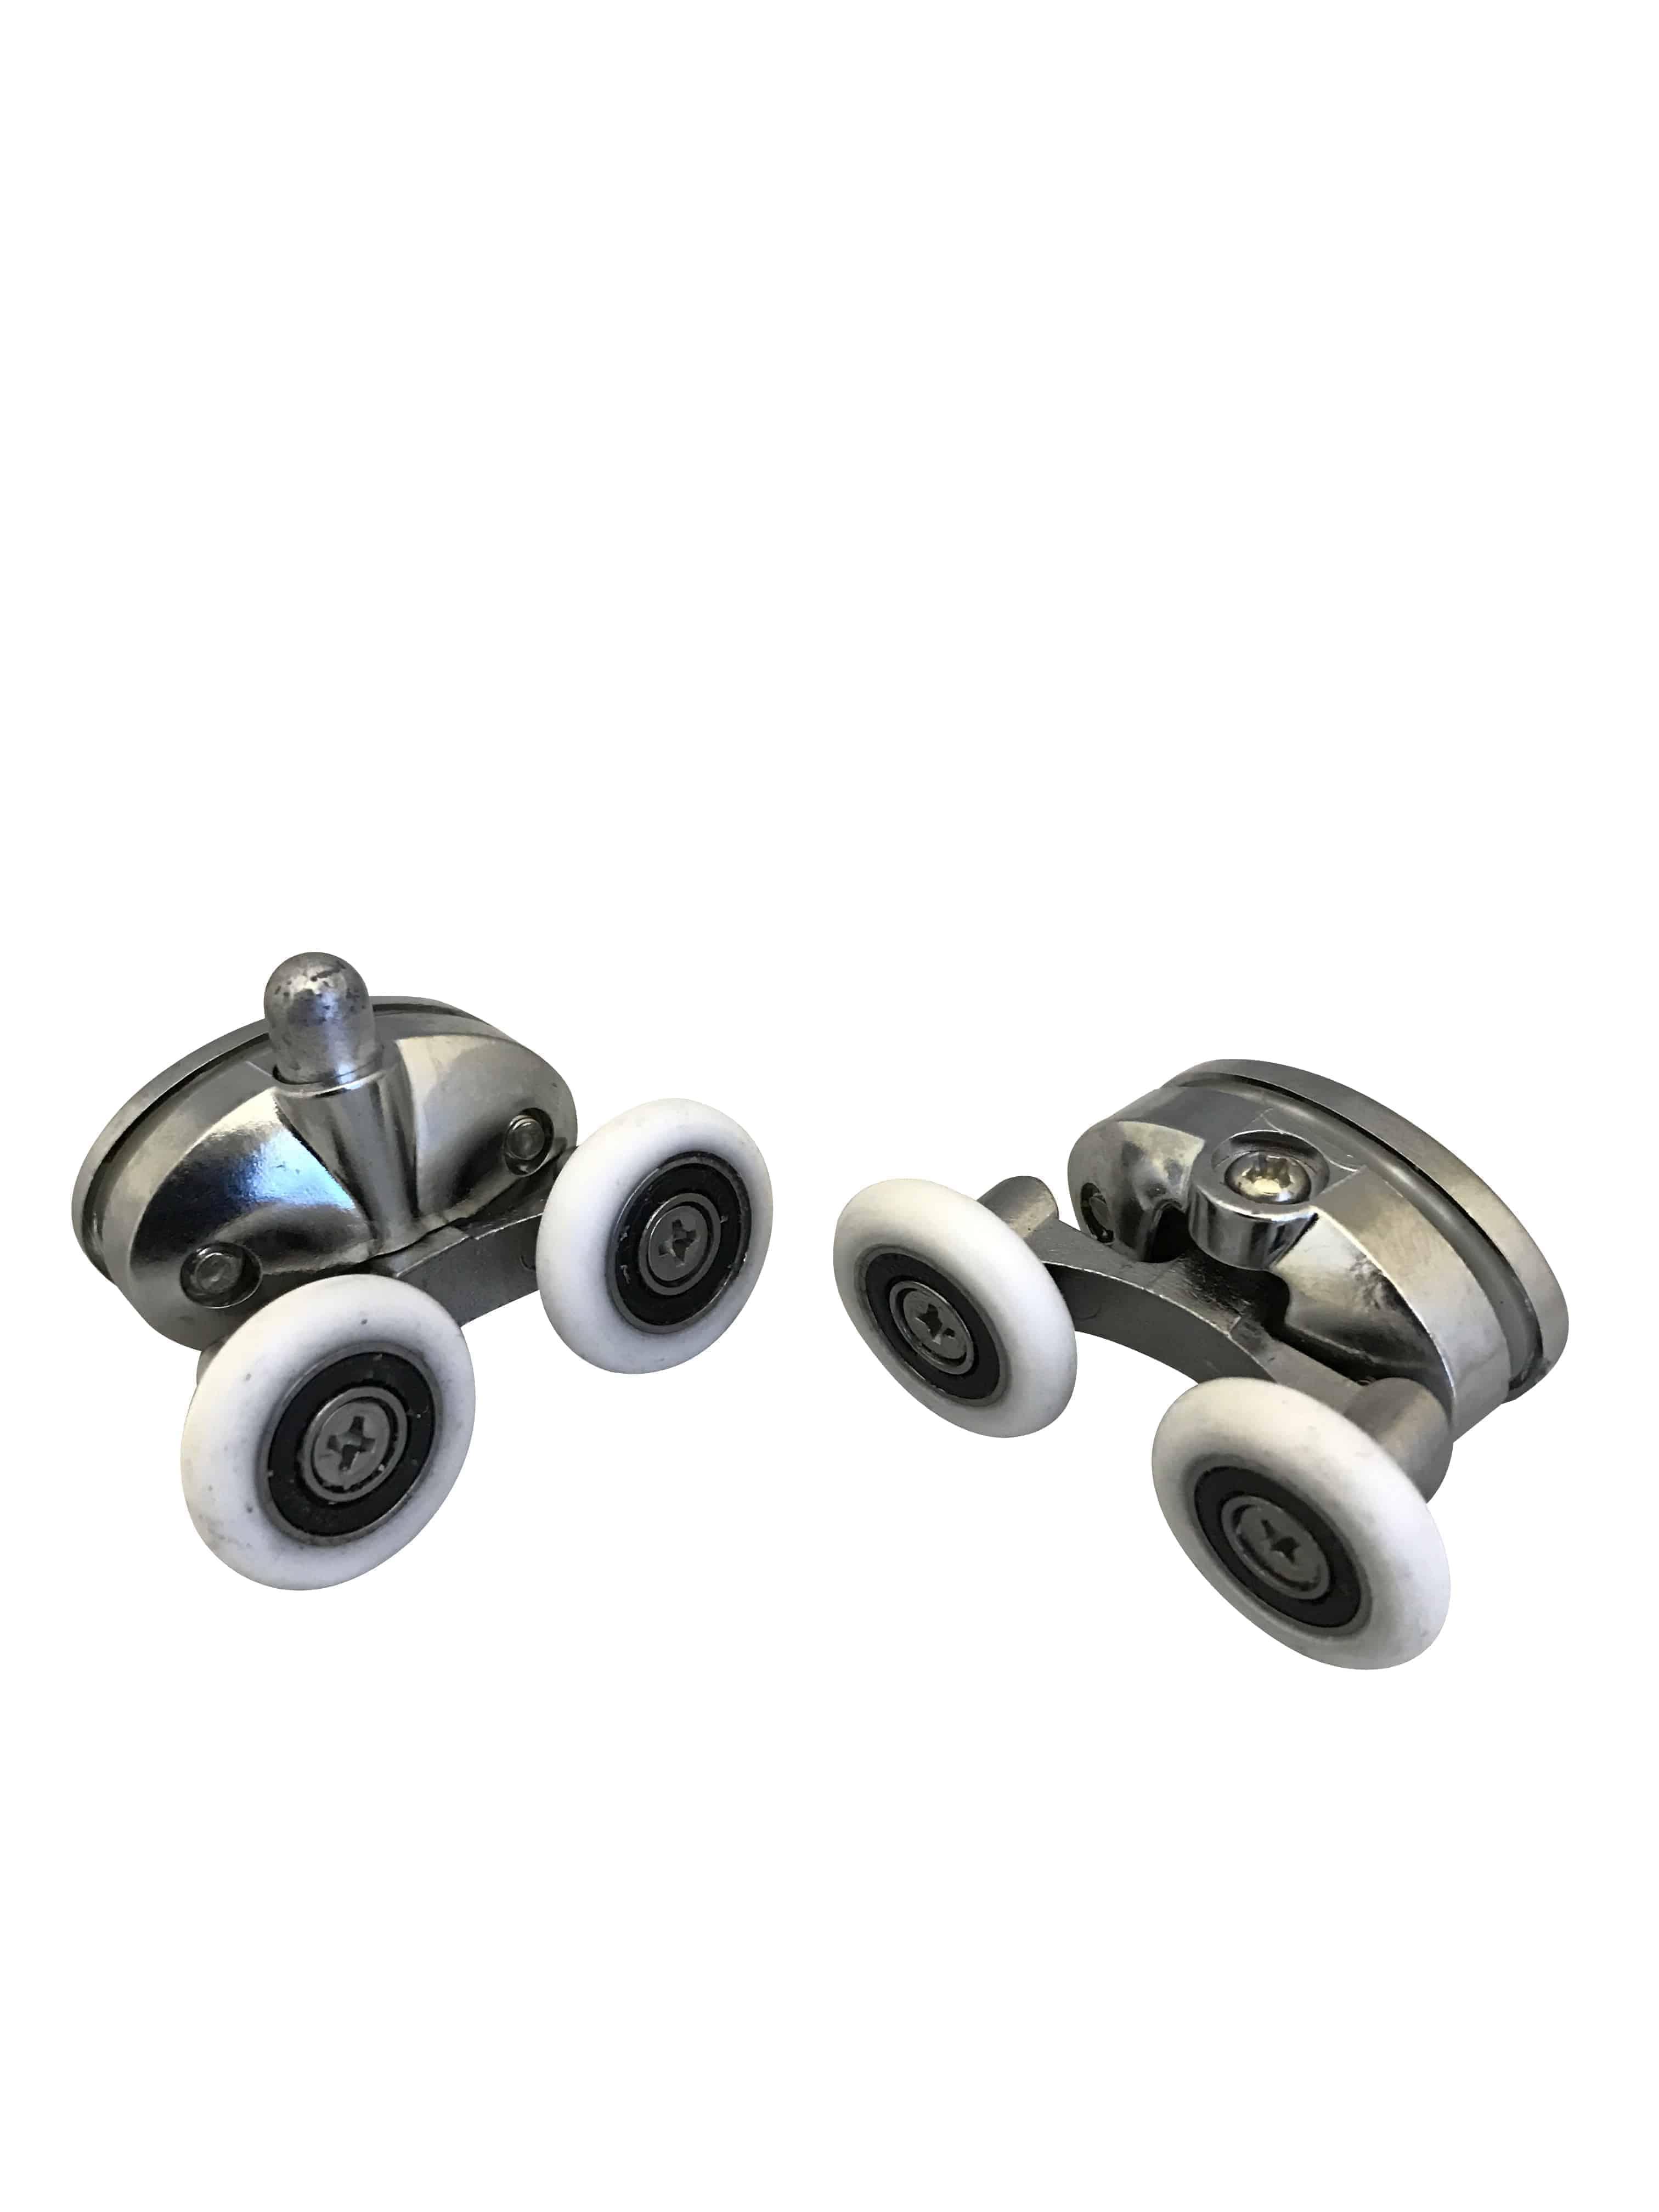 Shower Door Wheels Amp Rollers Model 077c Parts Amp Spares